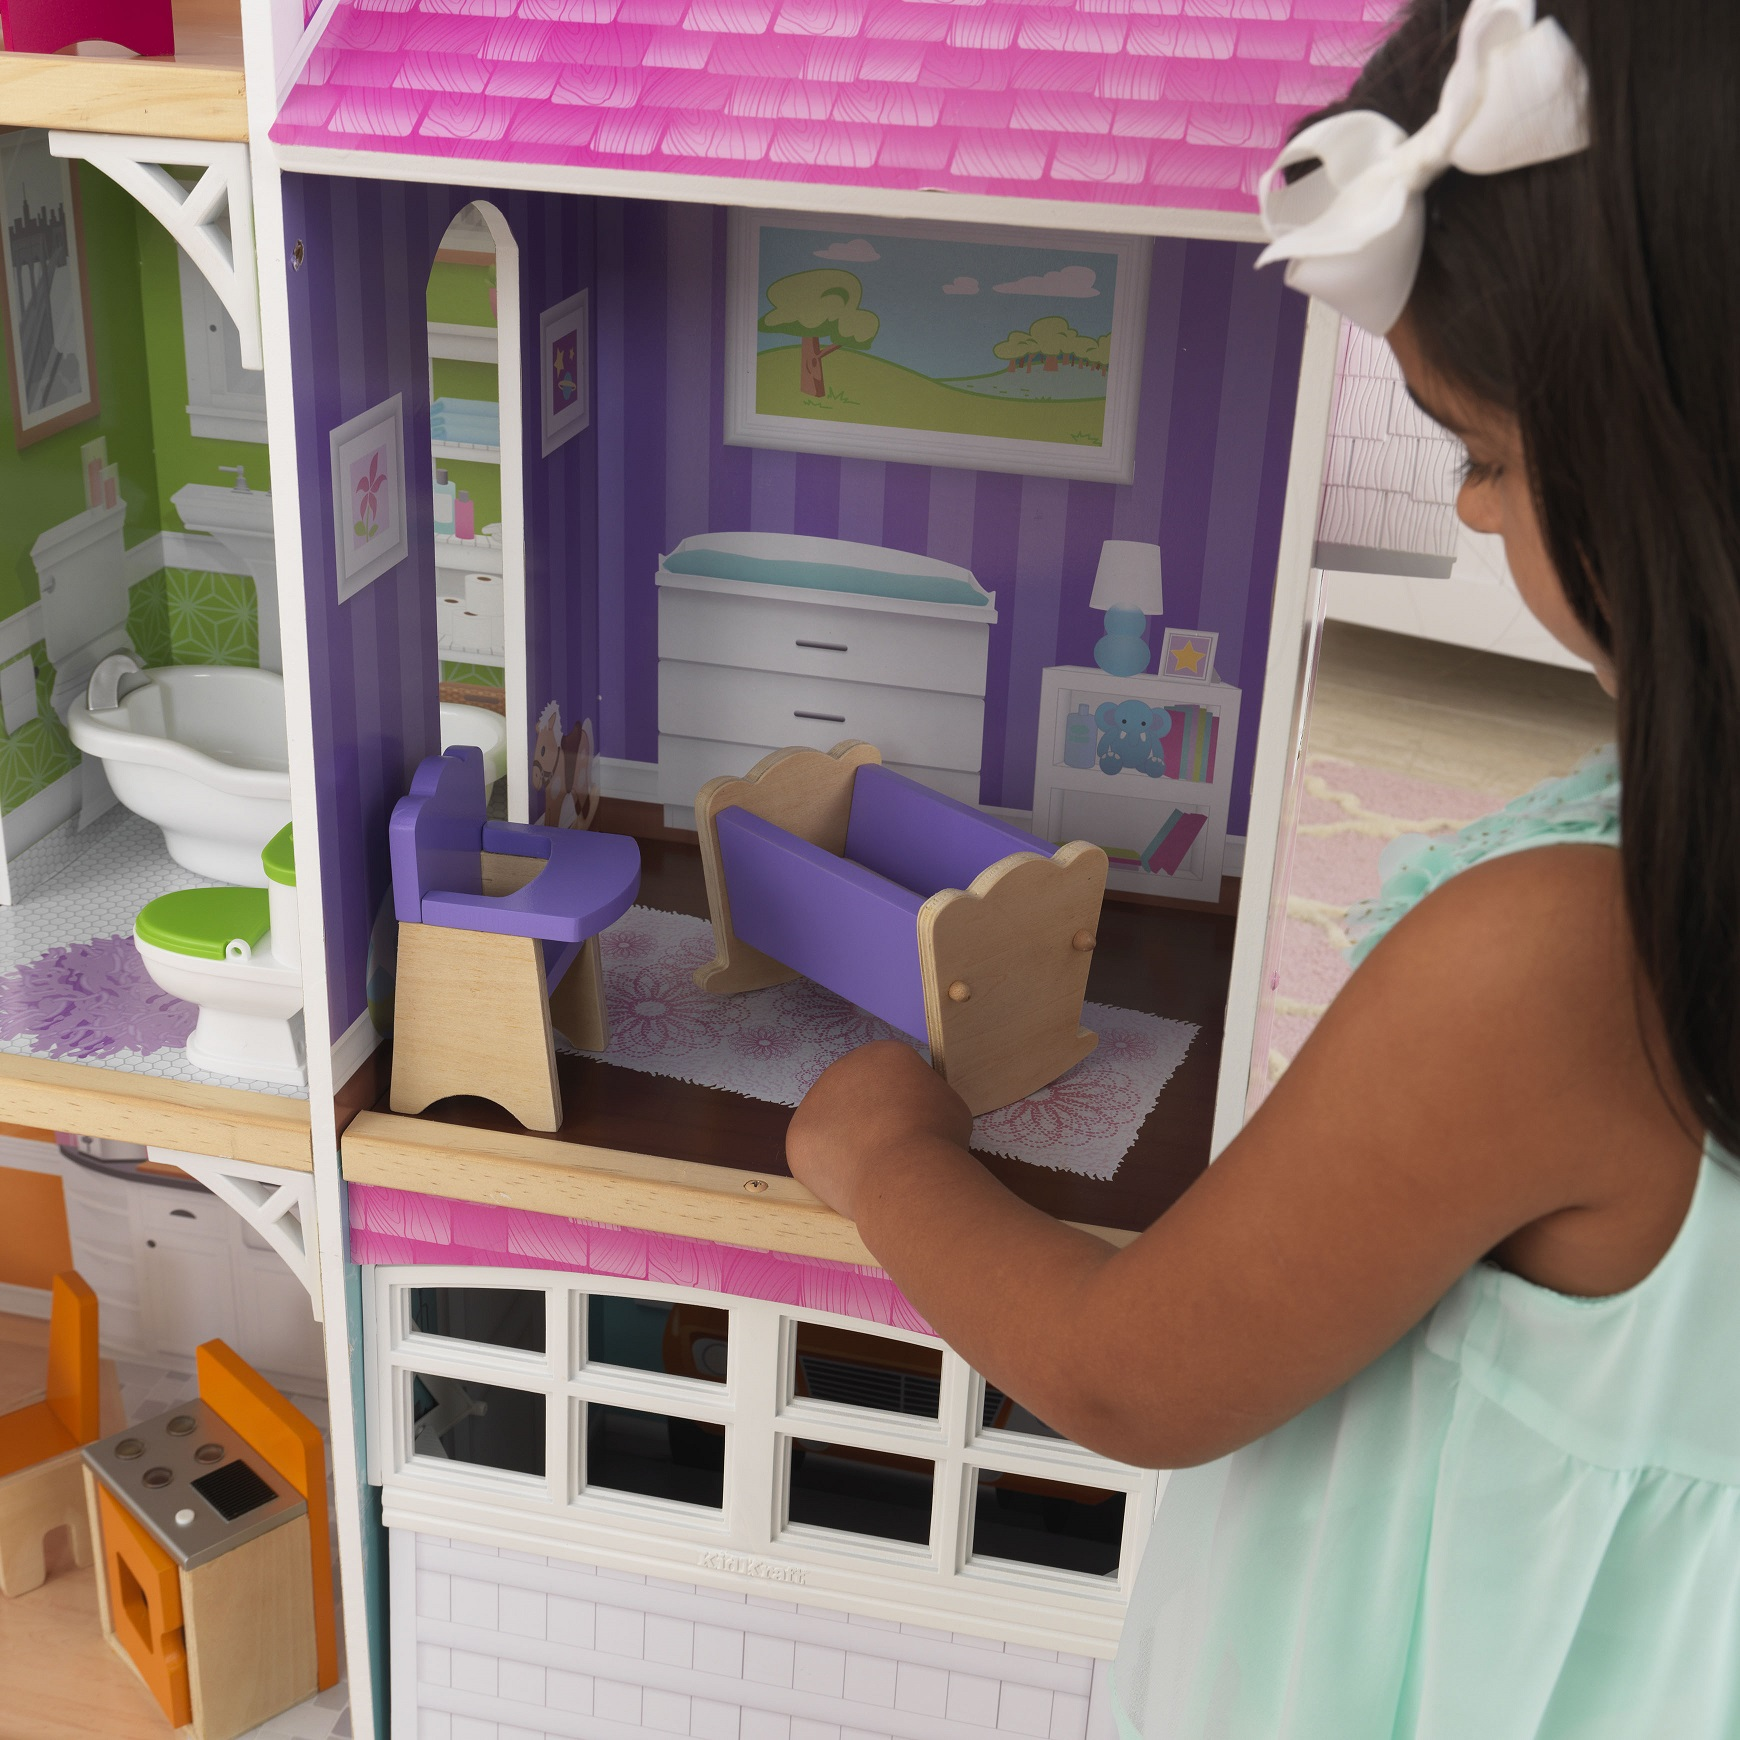 Detalle habitación del bebé con cuna y trona de kidkraft casa de muñecas avery 65943